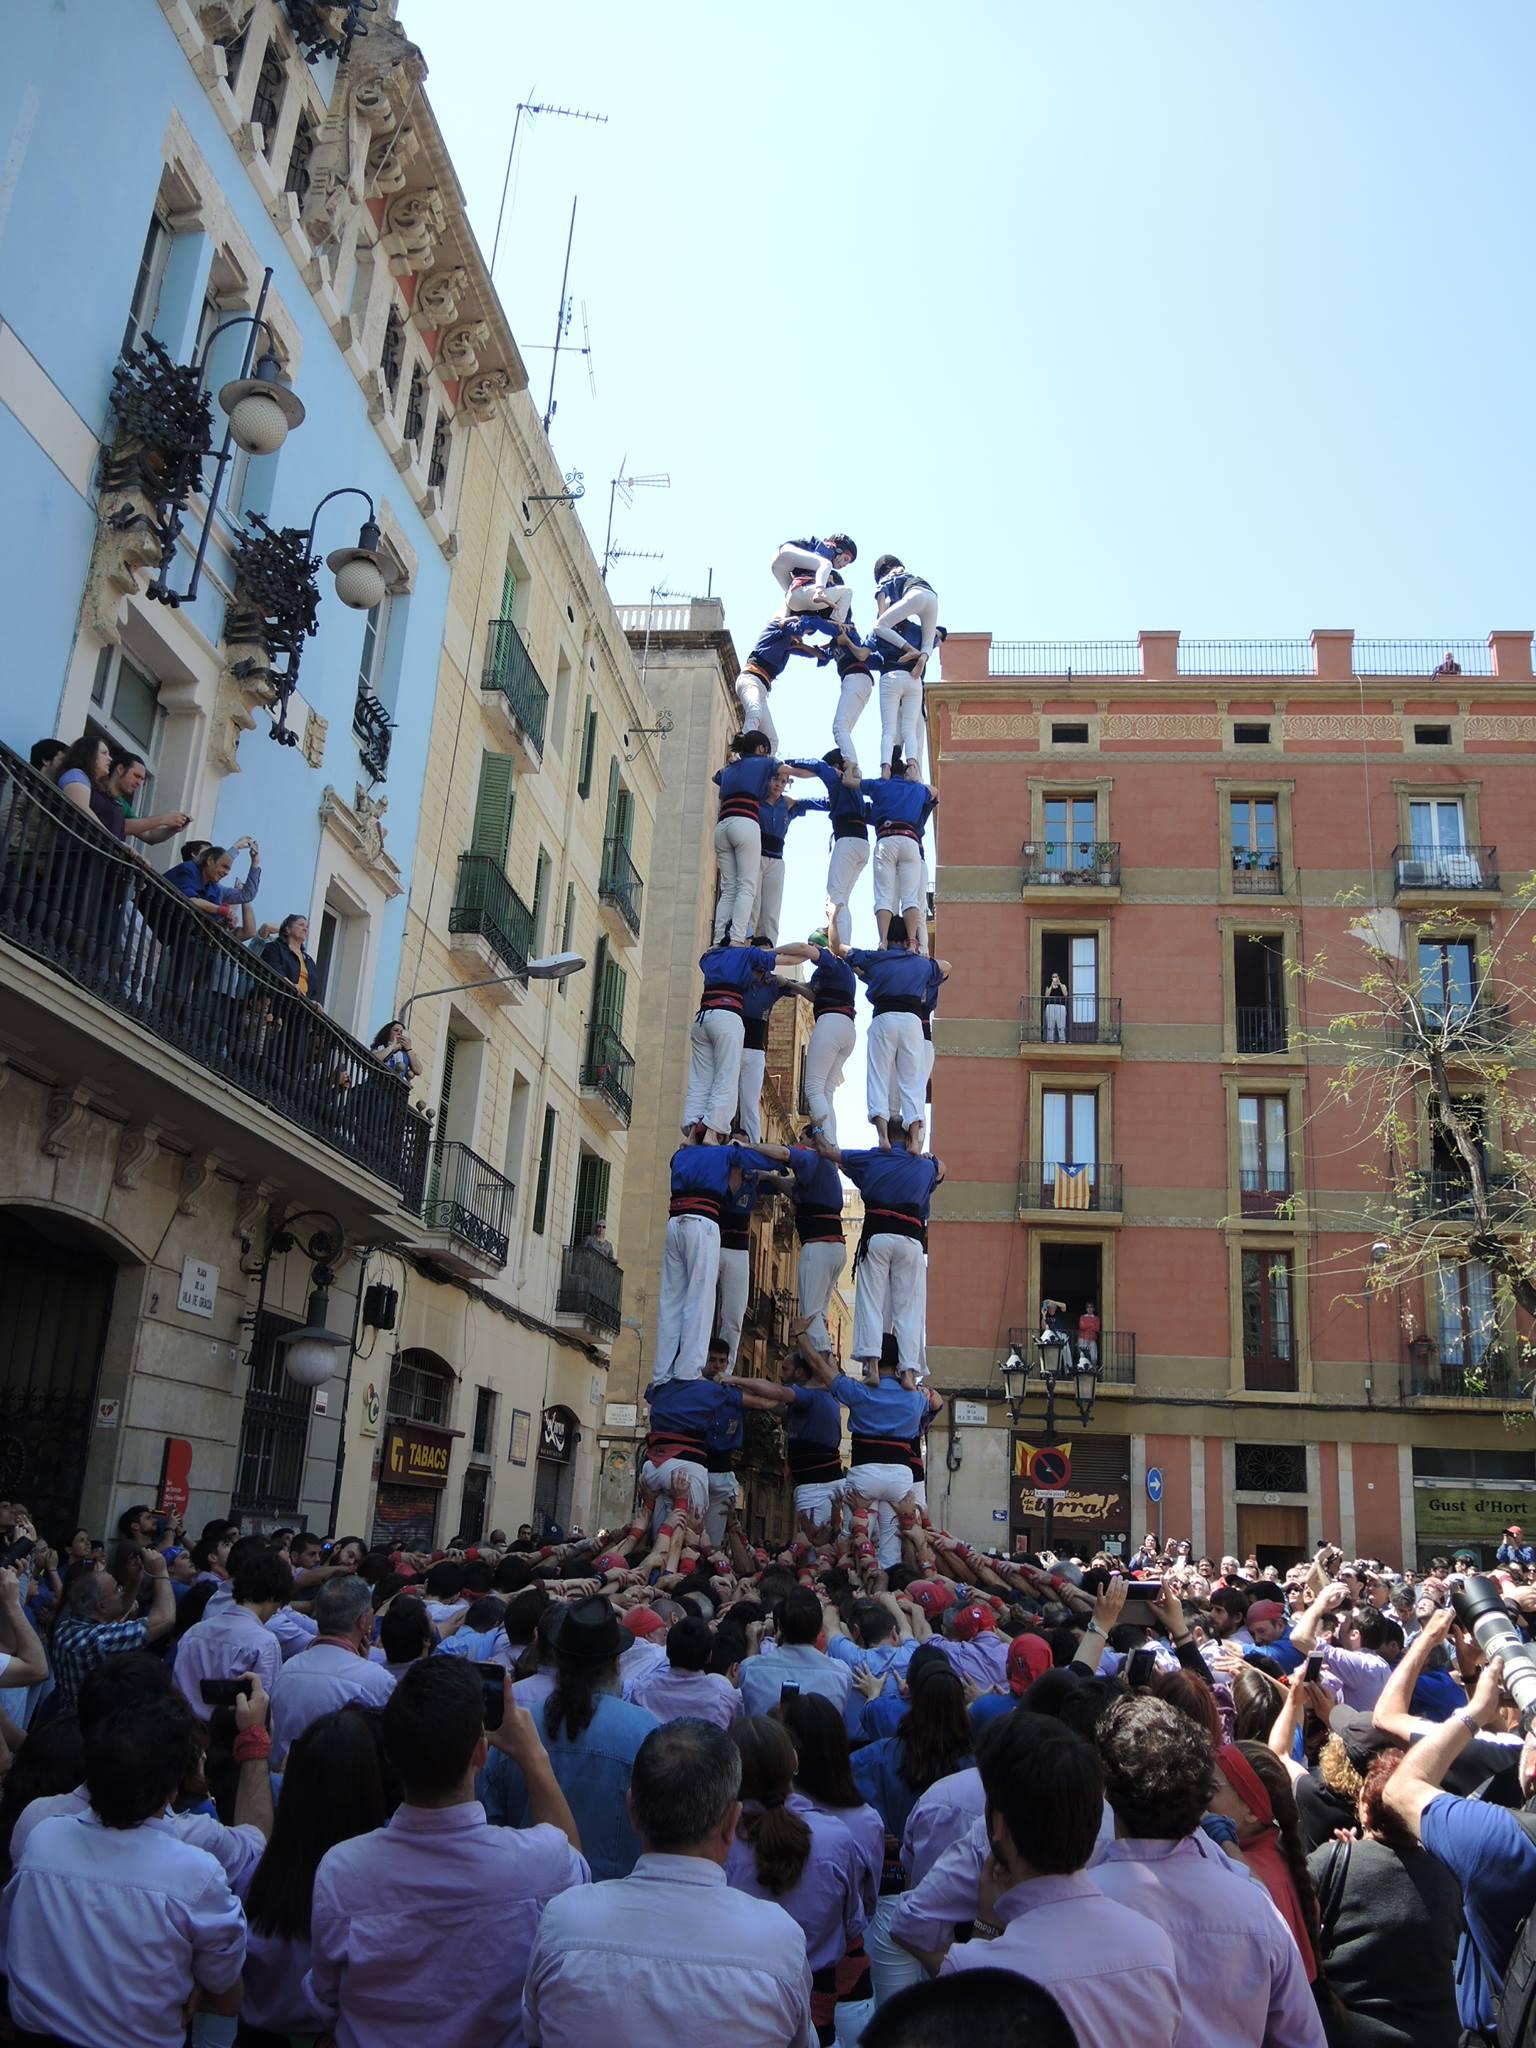 Eine Turngruppe errichtet ein Turm aus Menschen